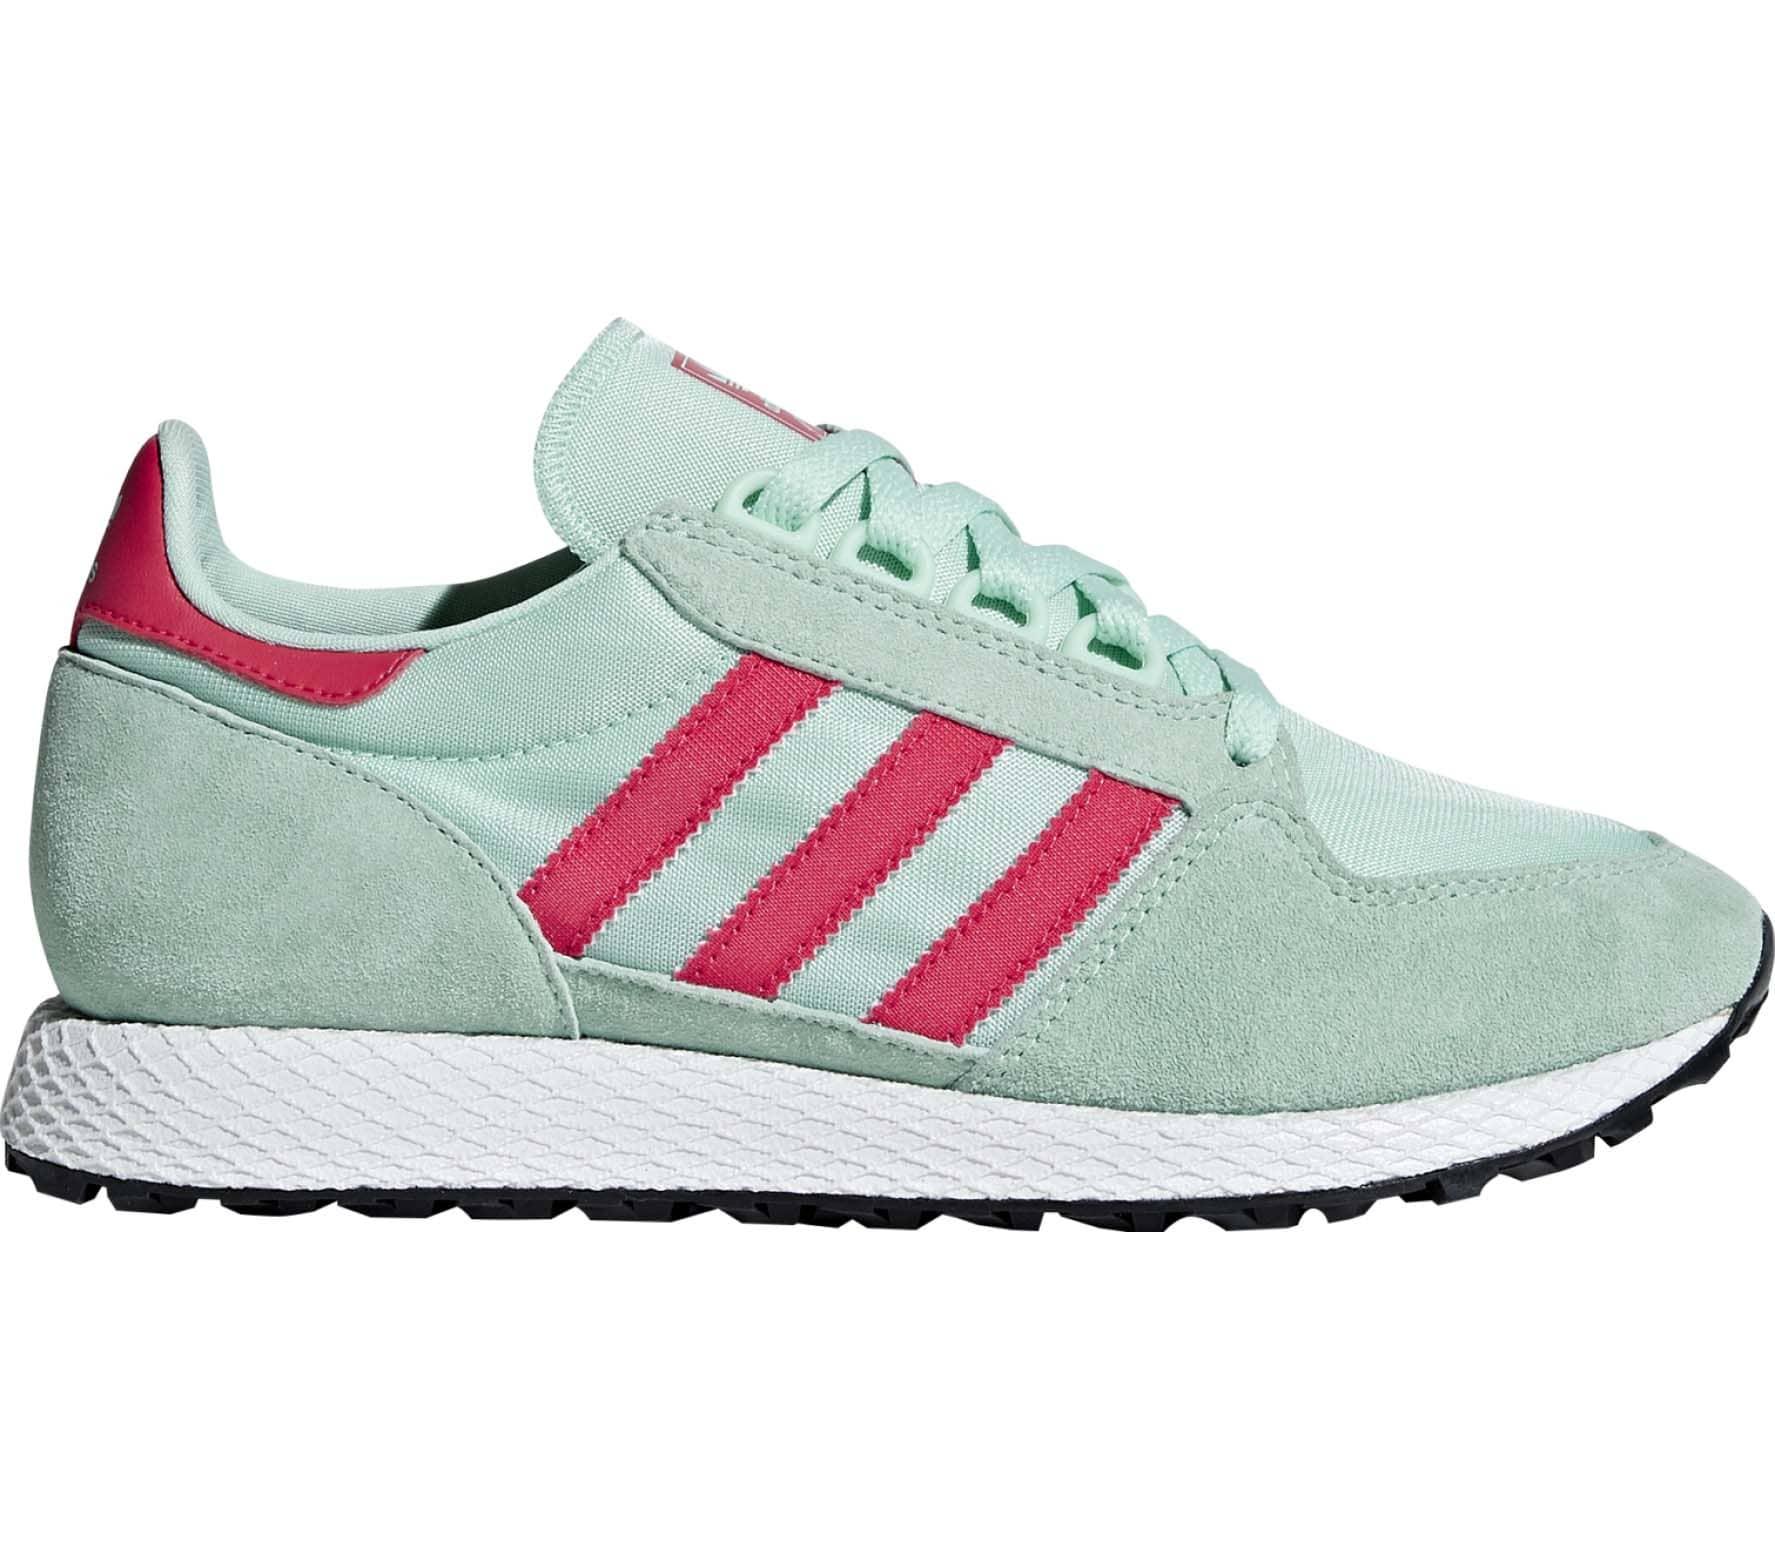 adidas Originals - Forest Grove Dam gymnastiksko (turkos) - EU 37 1/3 - UK 4,5